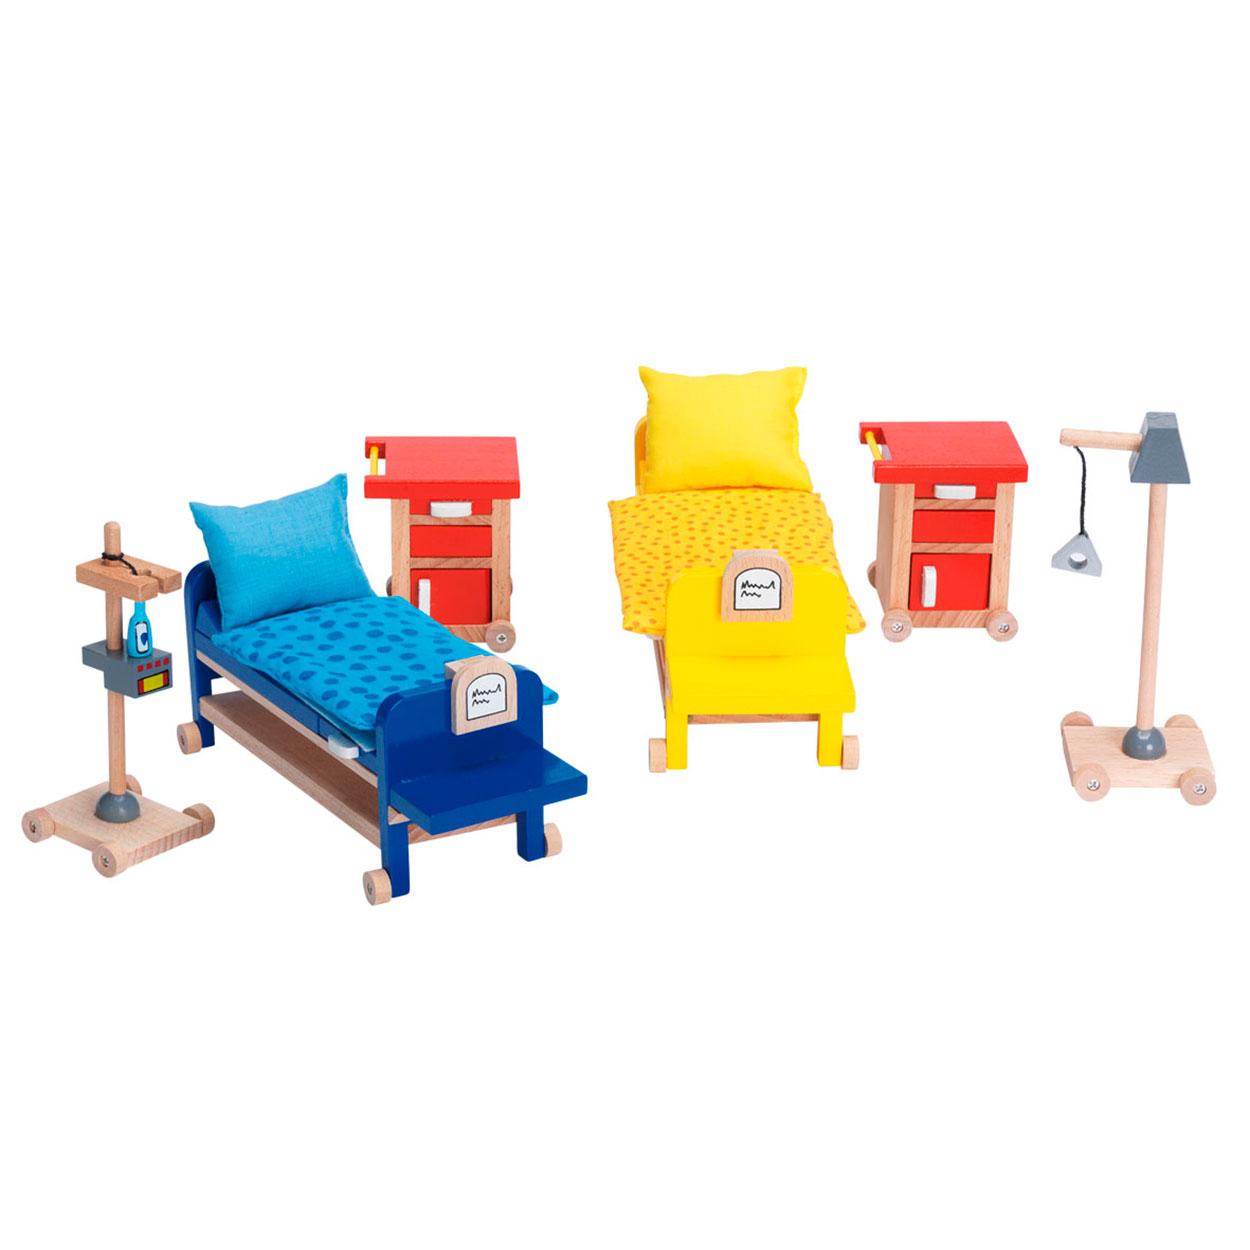 Ziekenhuis poppenhuis meubeltjes ziekenzaal online kopen for Meubels poppenhuis